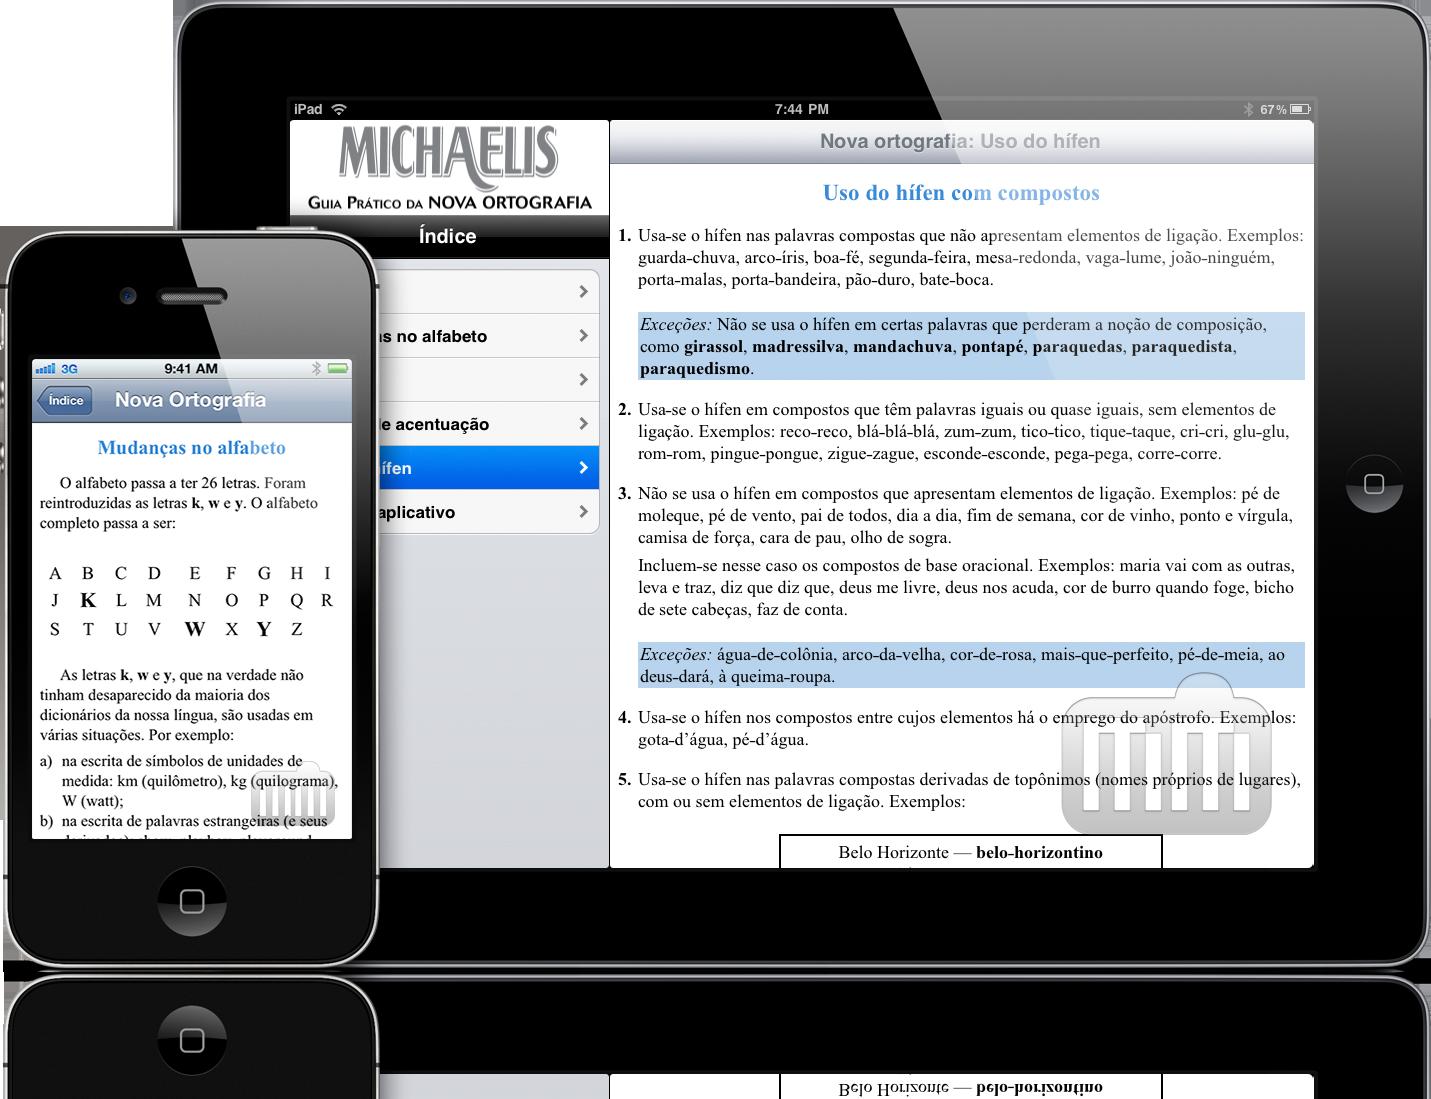 Michaelis Guia Prático da Nova Ortografia - iPad e iPhone